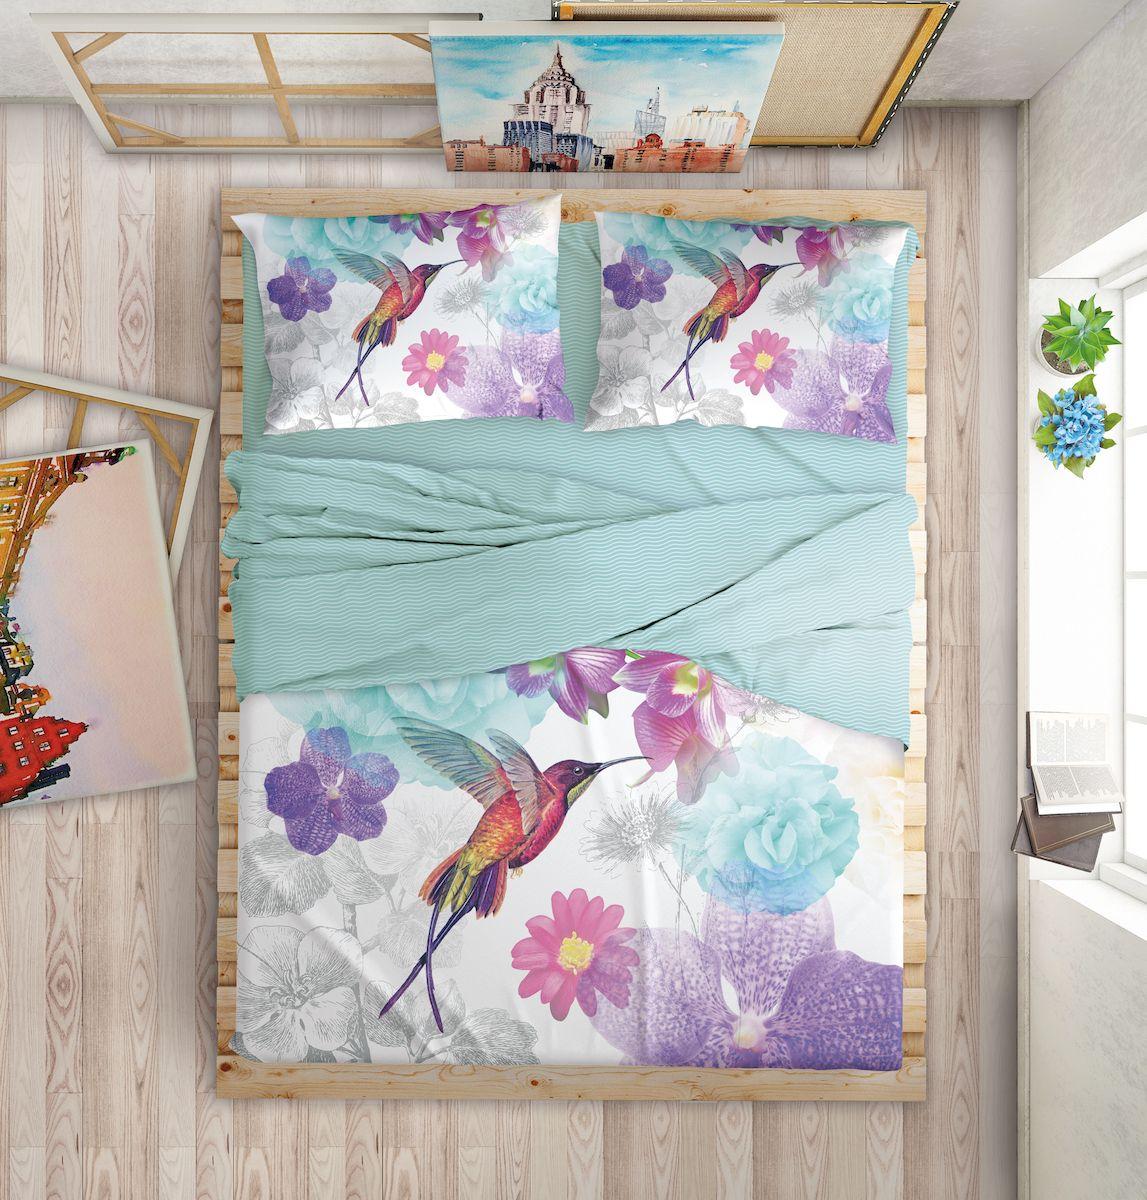 Комплект белья Love Me Fairytale, евро, наволочки 50х70, 70х70, цвет: голубой, фиолетовый198975Международный бренд для молодых, современных, стильных. Love Me - бренд качественного постельного белья, для молодых людей, создающий ощущение комфорта, защищенности и уюта. При этом - модный, современный, стильный. Упаковка выполнена в оригинальном стиле - имитирует модель сумки Furla.